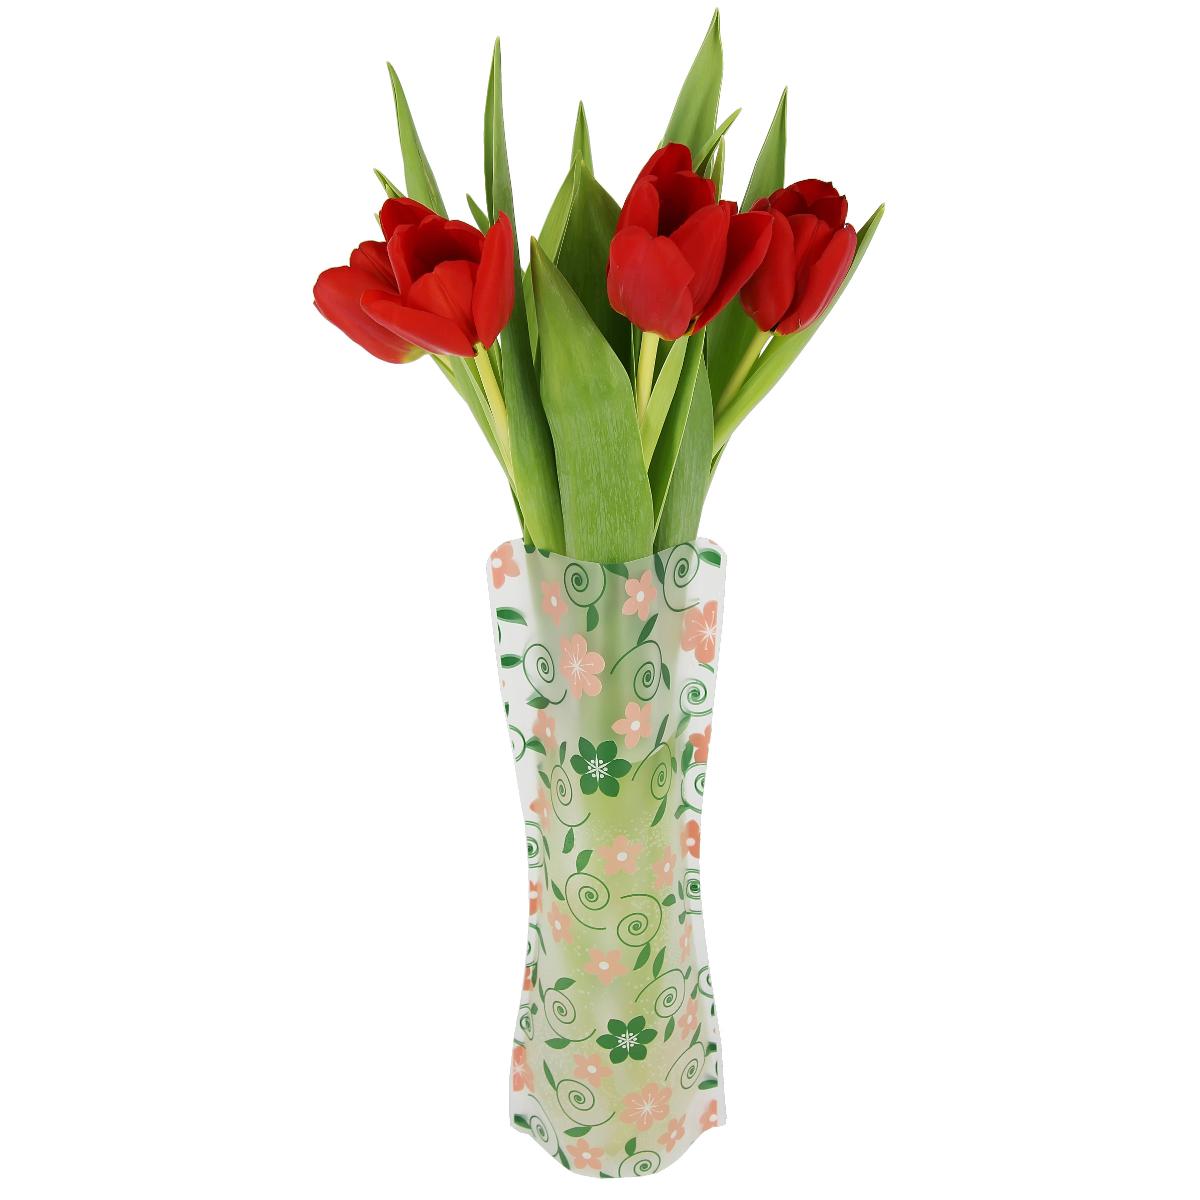 Ваза МастерПроф Летний узор, пластичная, 1 л ваза мастерпроф черная орхидея пластичная 1 л